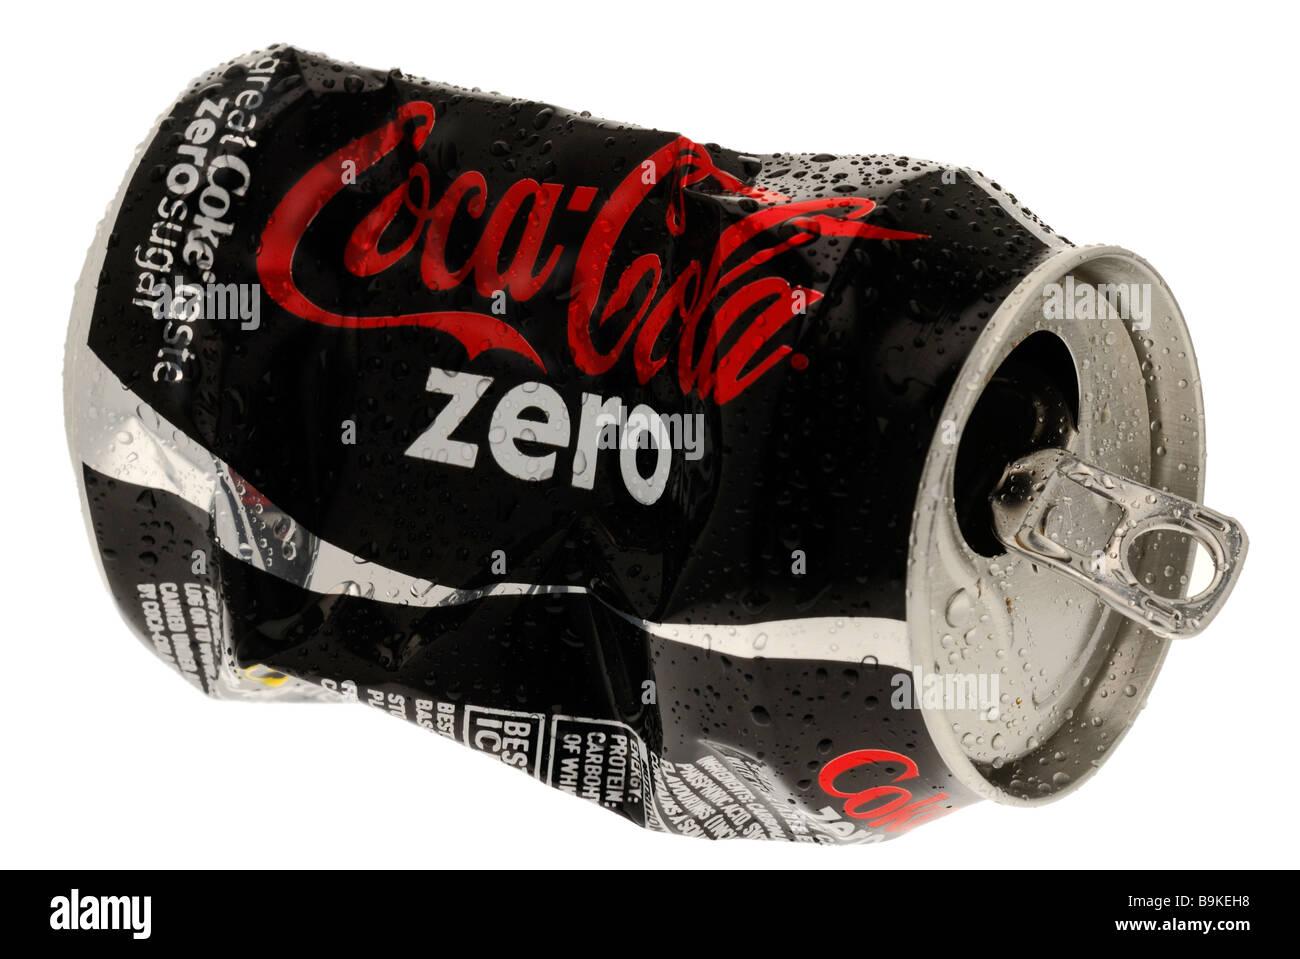 Can of Coca Cola Zero Stock Photo: 23170820 - Alamy